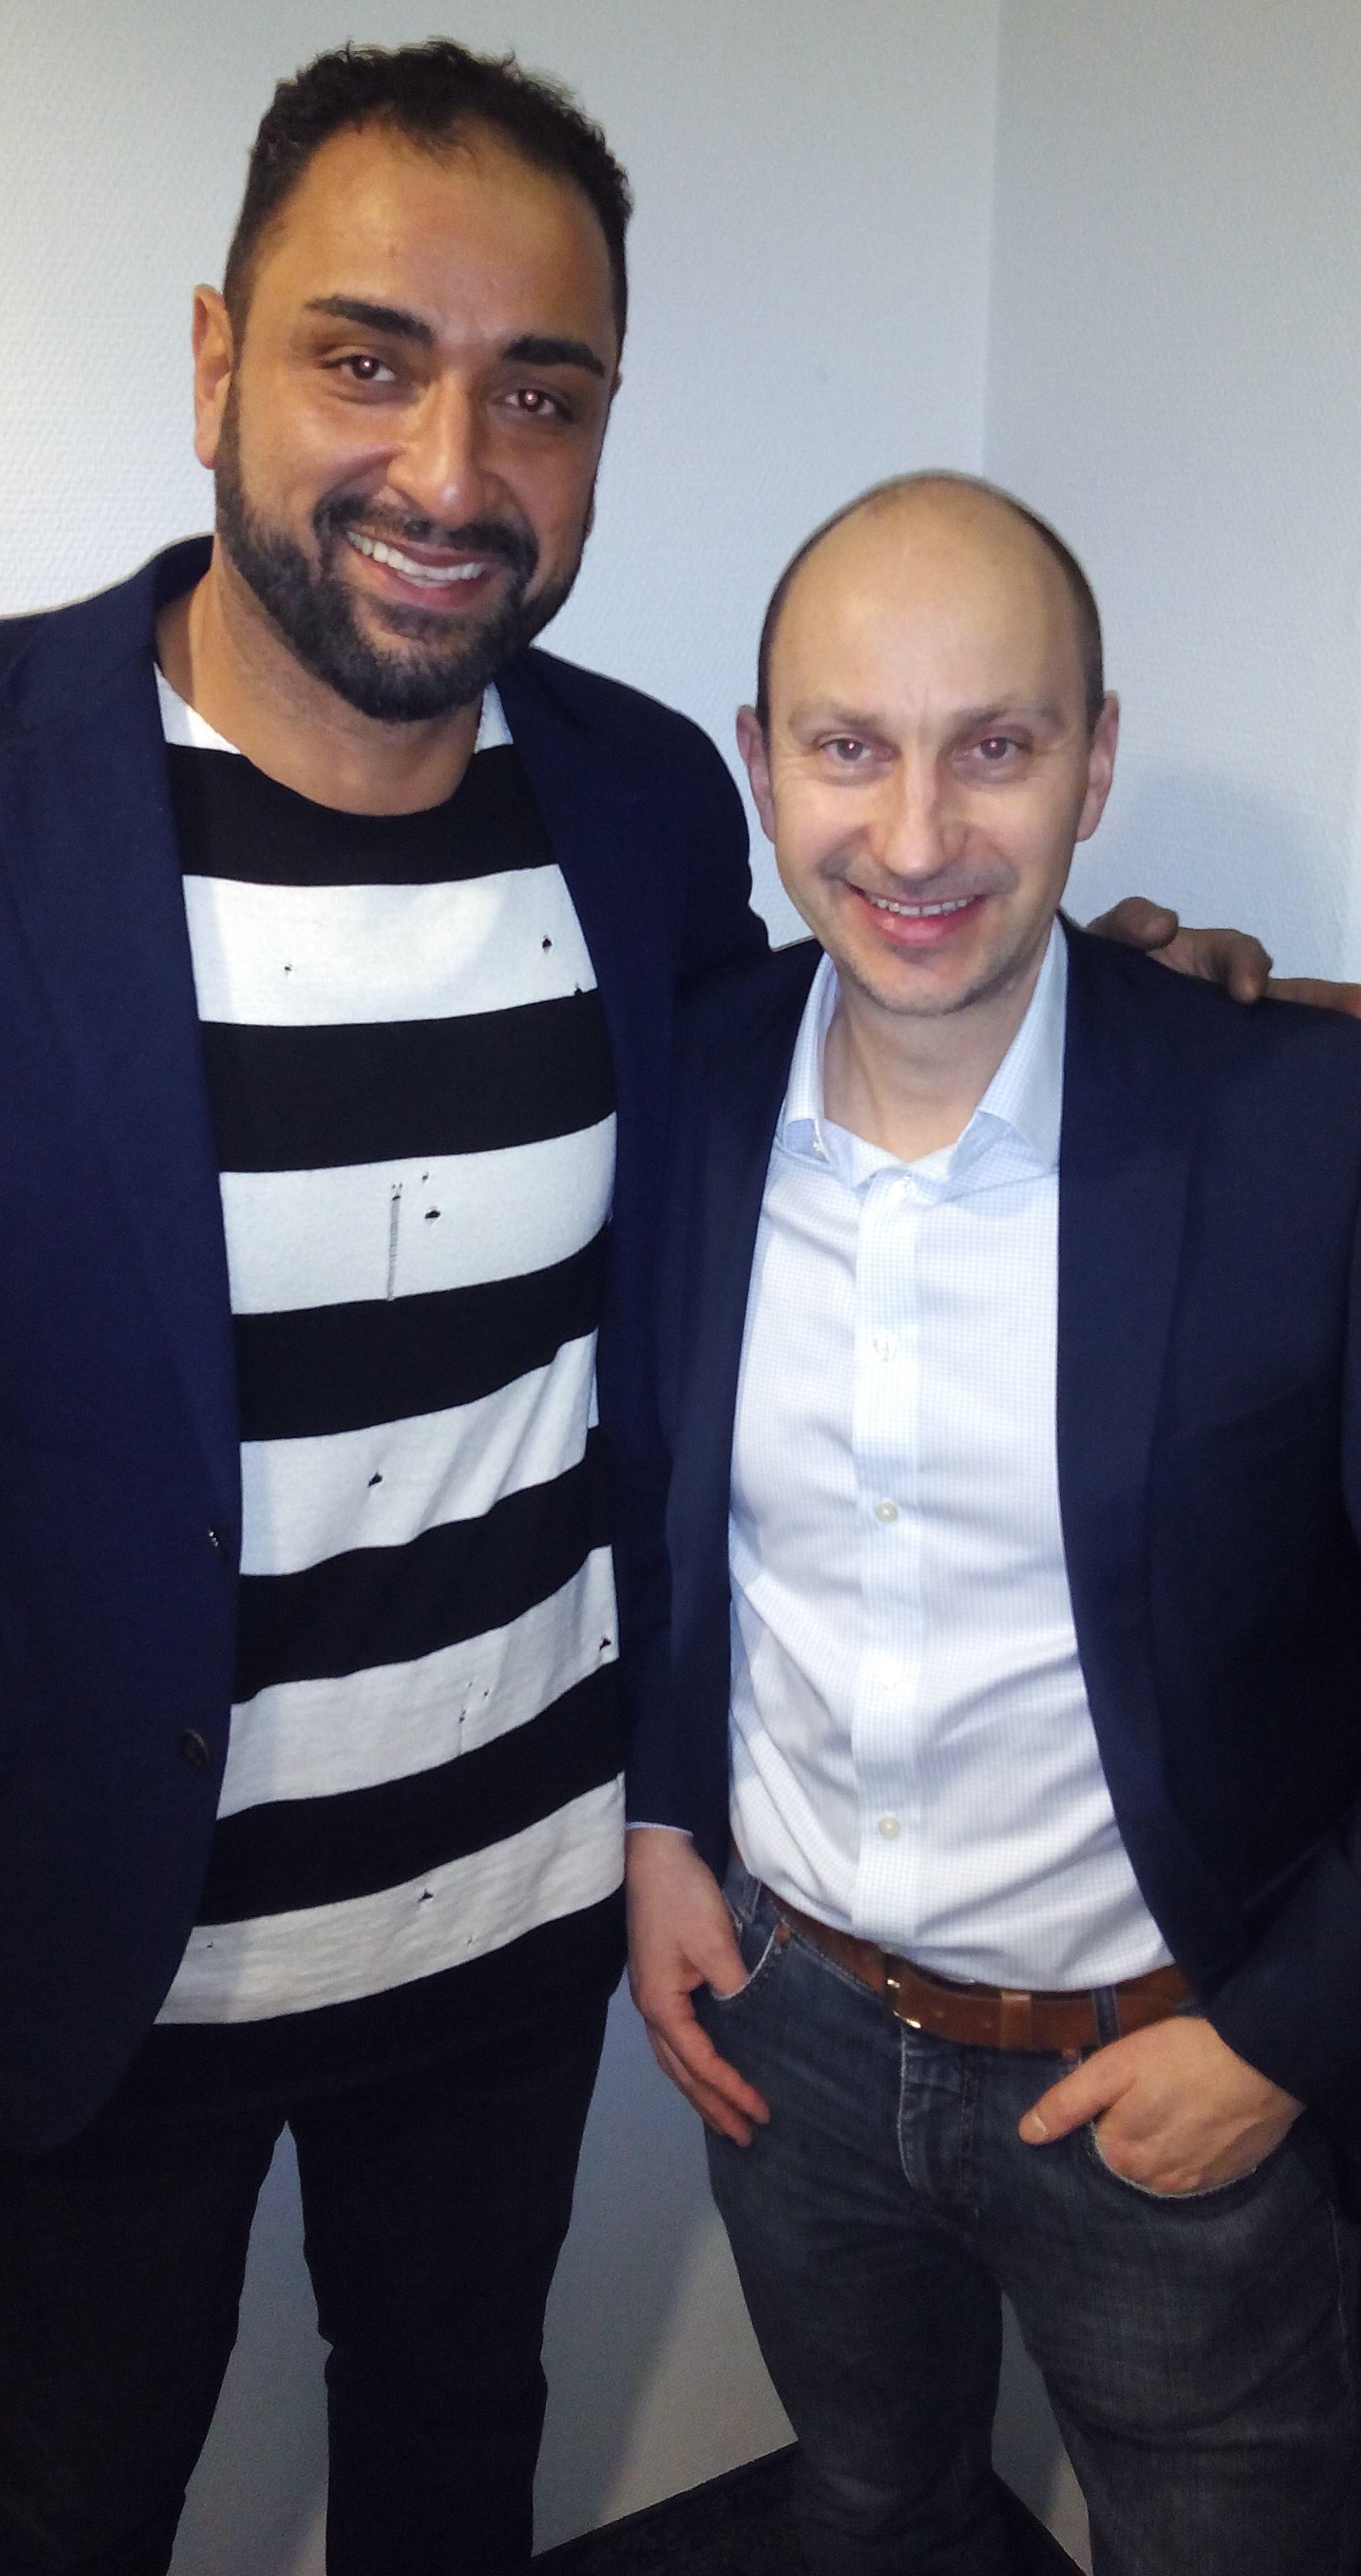 Ali - Gewinner von The Biggest Loser 2016 mit U. Schmidt